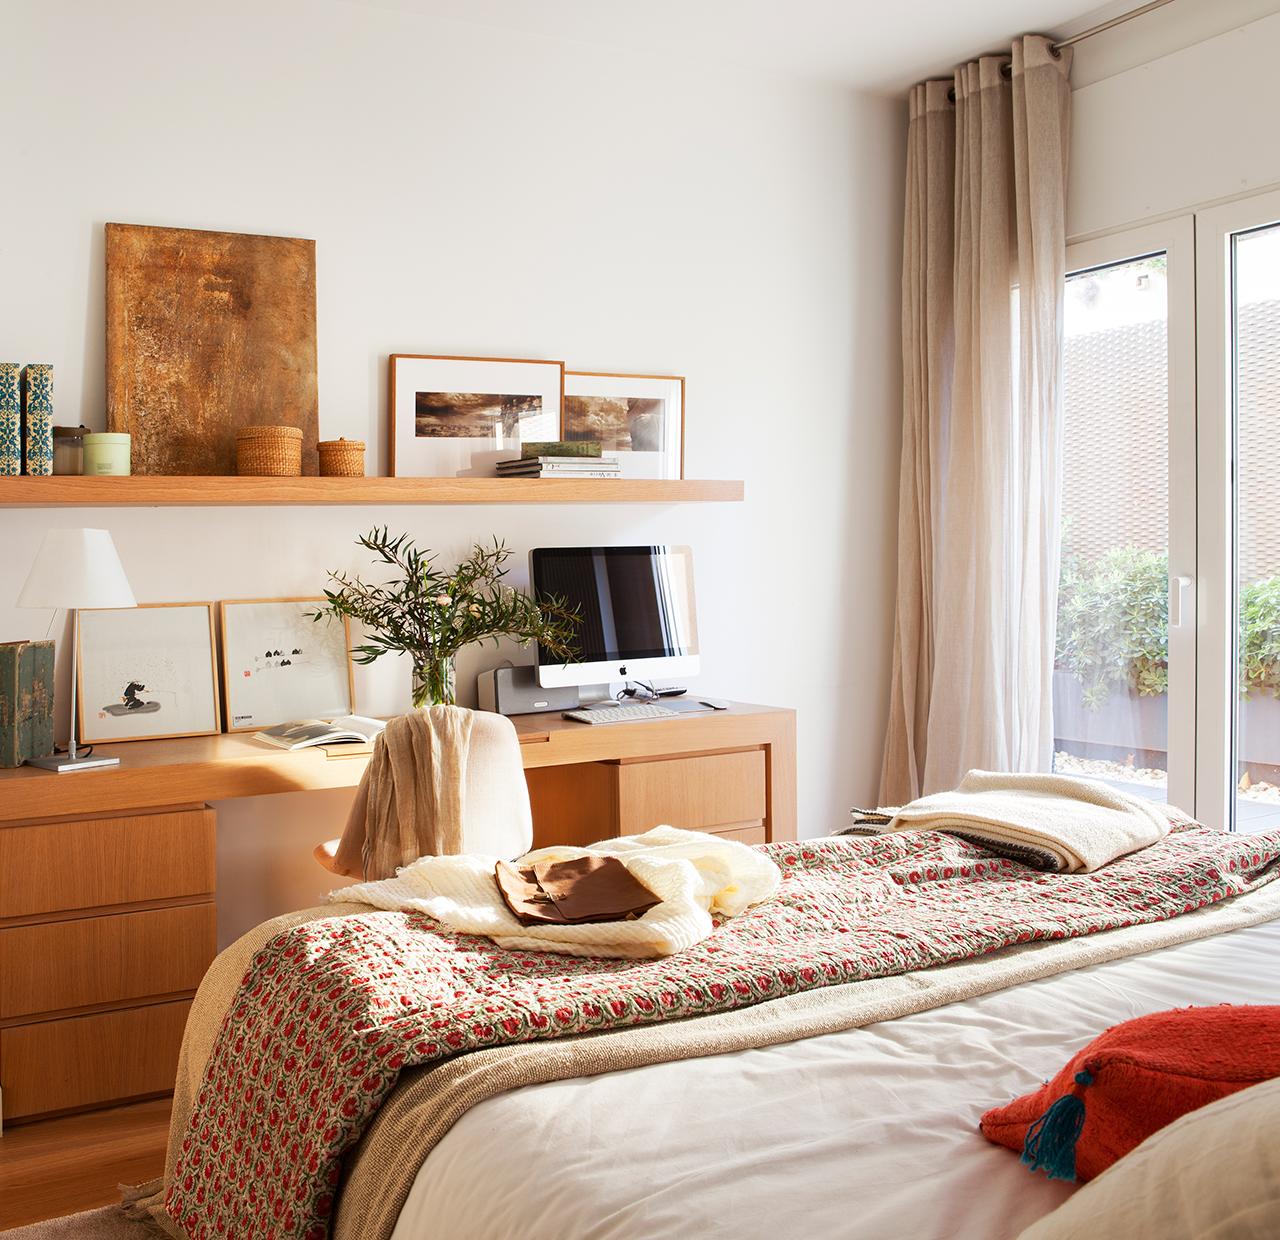 Colori caldi per camere da letto : colori caldi per camere da ...